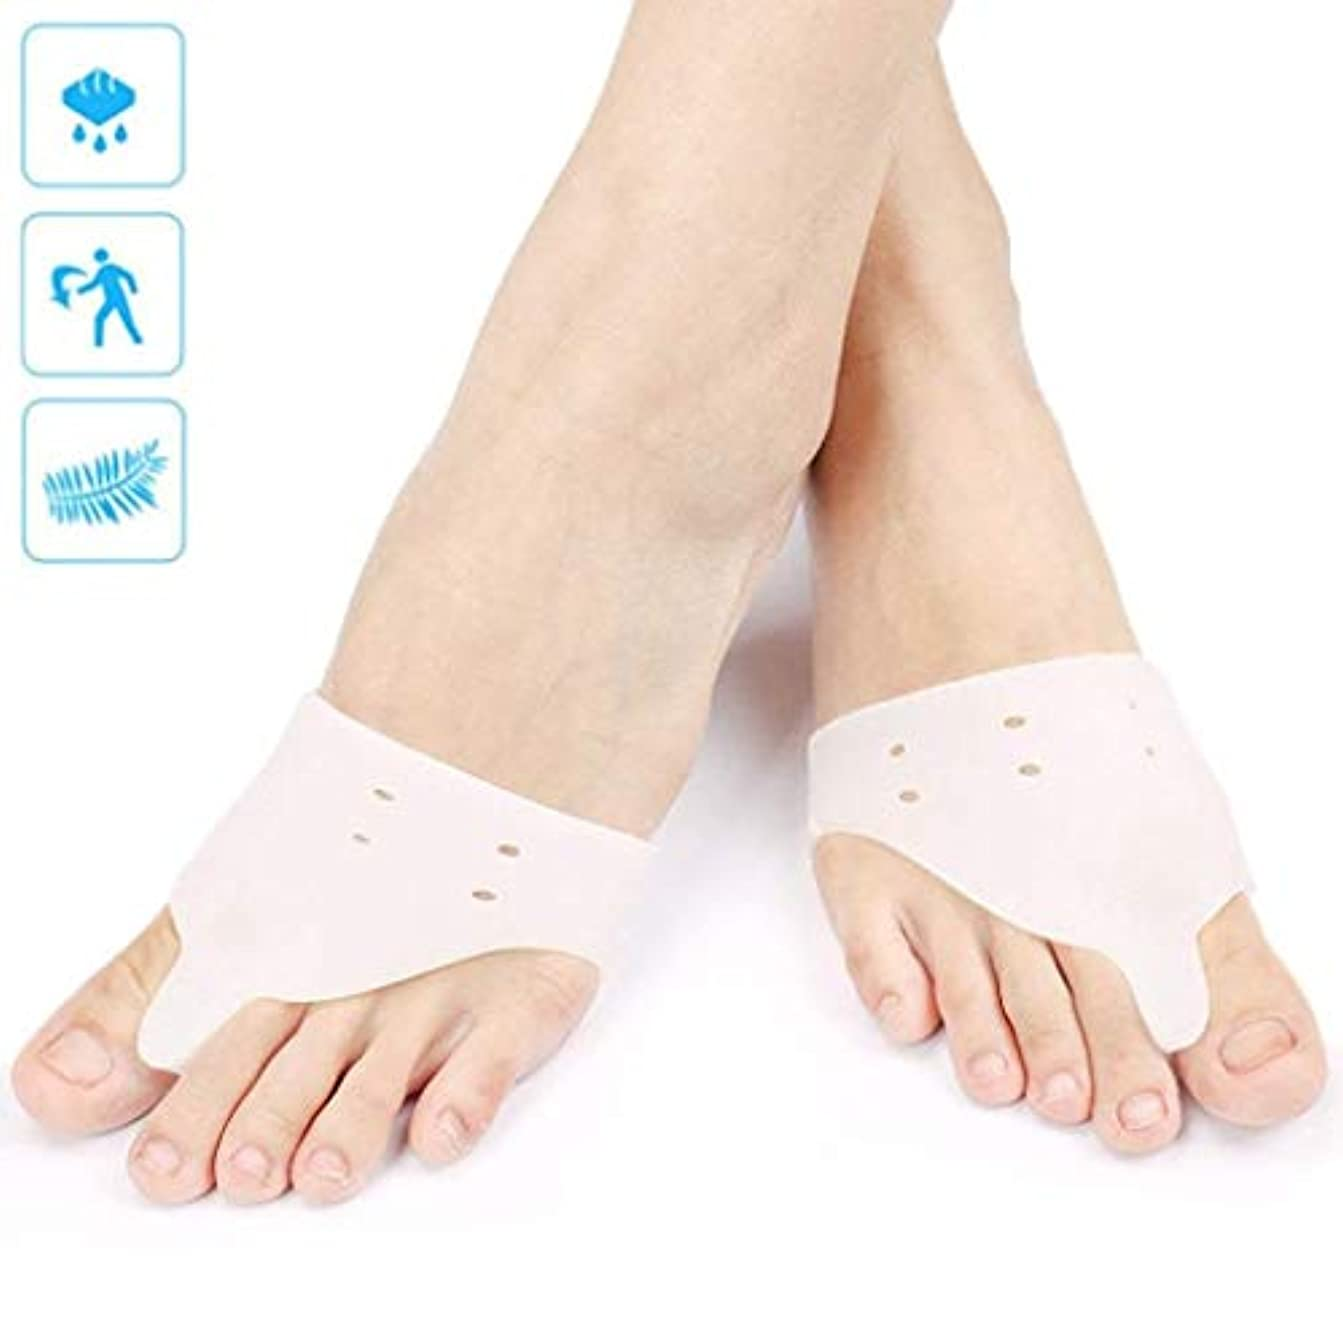 クルーズラリーベルモント確認してくださいBunion Toe Separators、Bunion Corrector、Ball of Foot Cushions、Hallux Valgus、Toe Straighteners、Bunion Protector